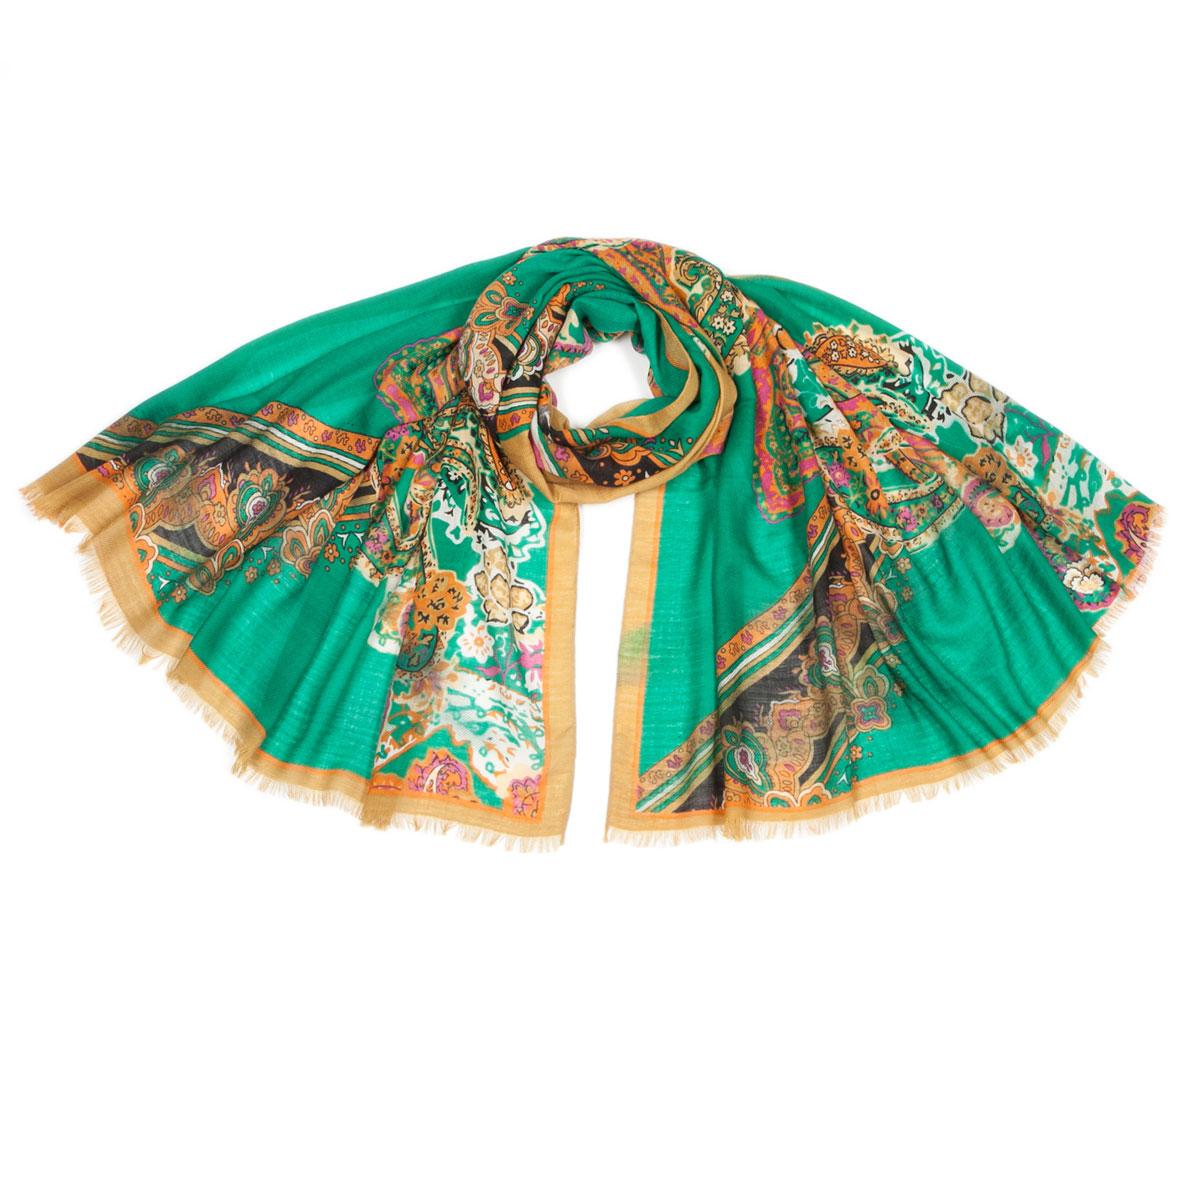 Палантин Модные истории, цвет: светло-коричневый, зеленый, розовый. 21/0358/219. Размер 180 см x 95 см